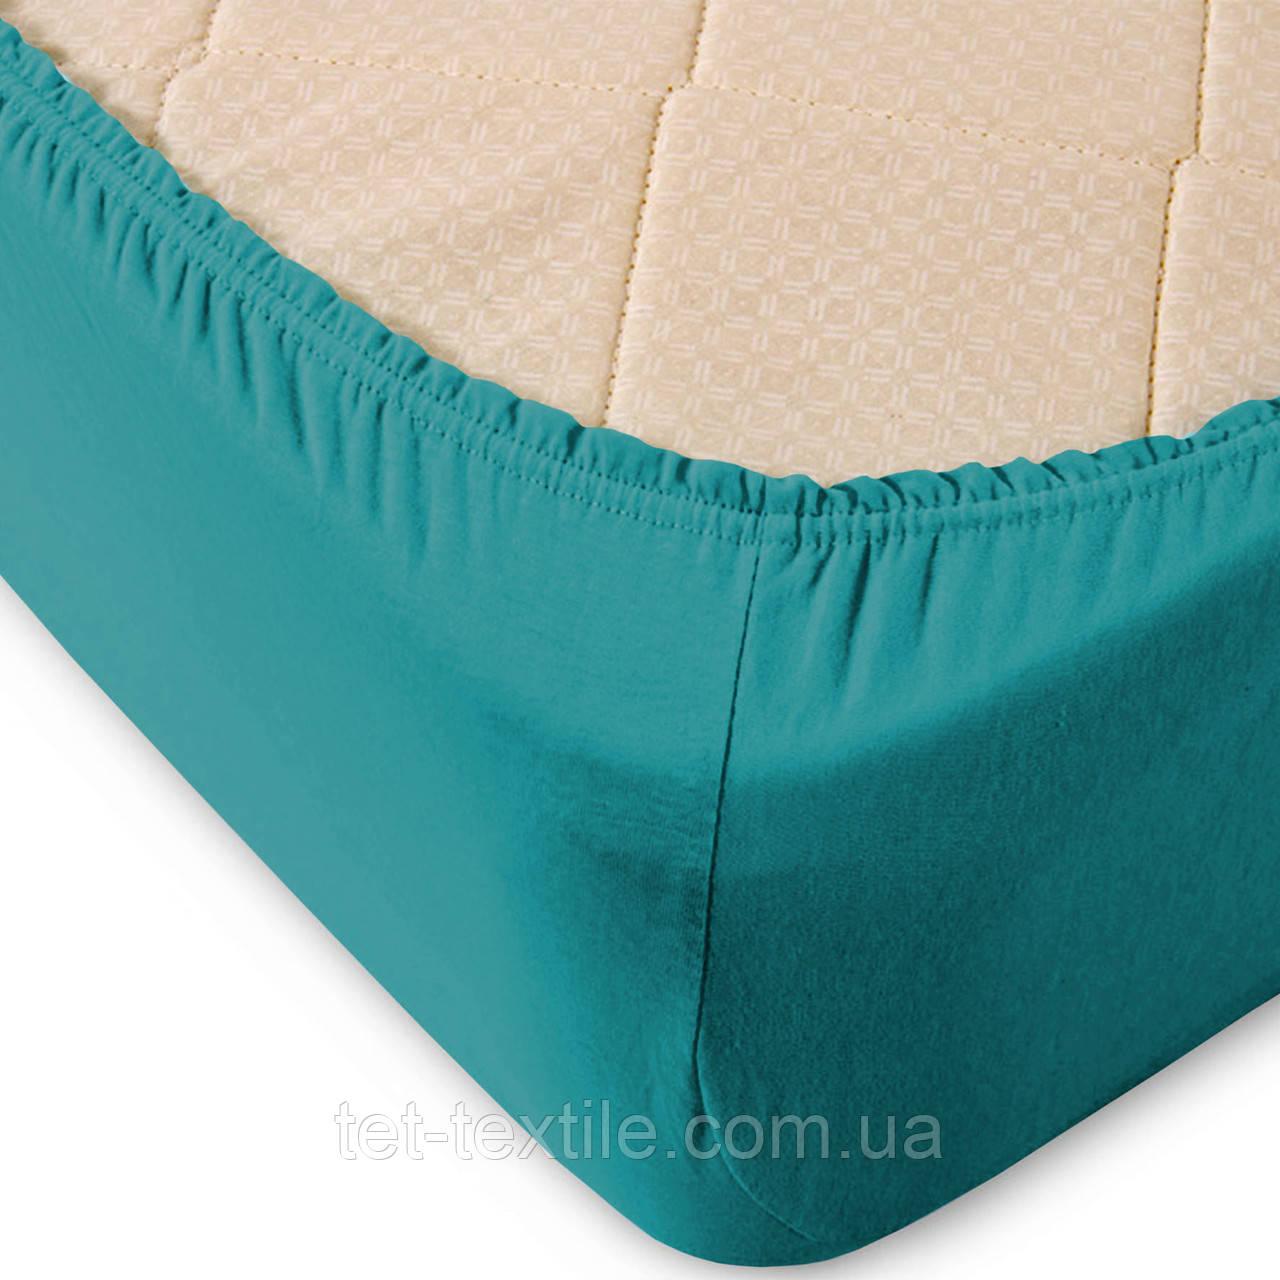 Простынь на резинке однотонная Тет-Текстиль бирюзовая 160х200+20